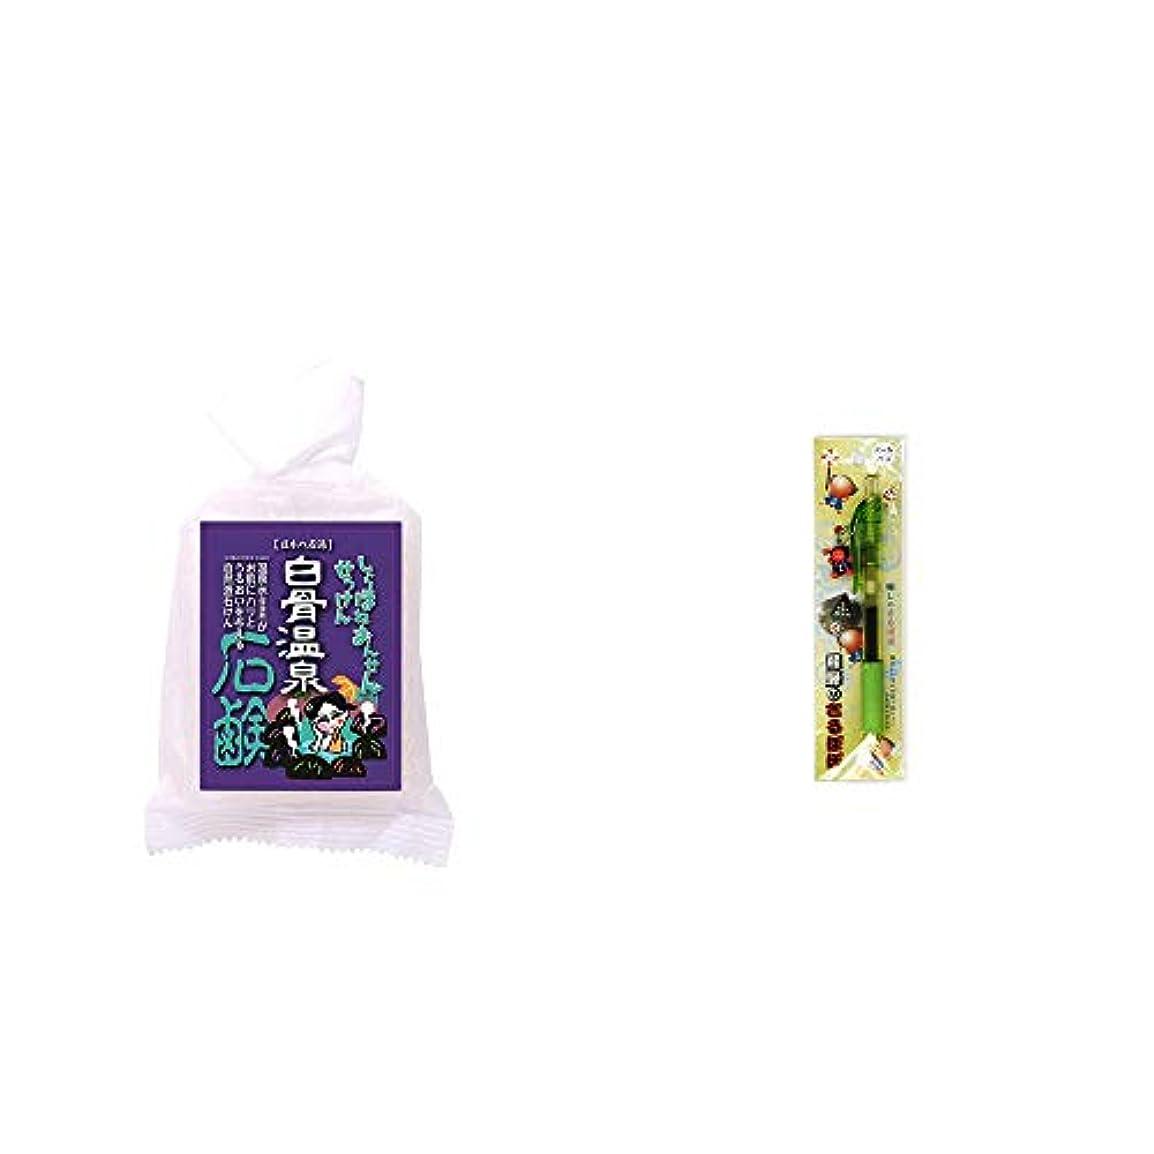 グリップ入浴余韻[2点セット] 信州 白骨温泉石鹸(80g)?さるぼぼ 癒しボールペン 【グリーン】